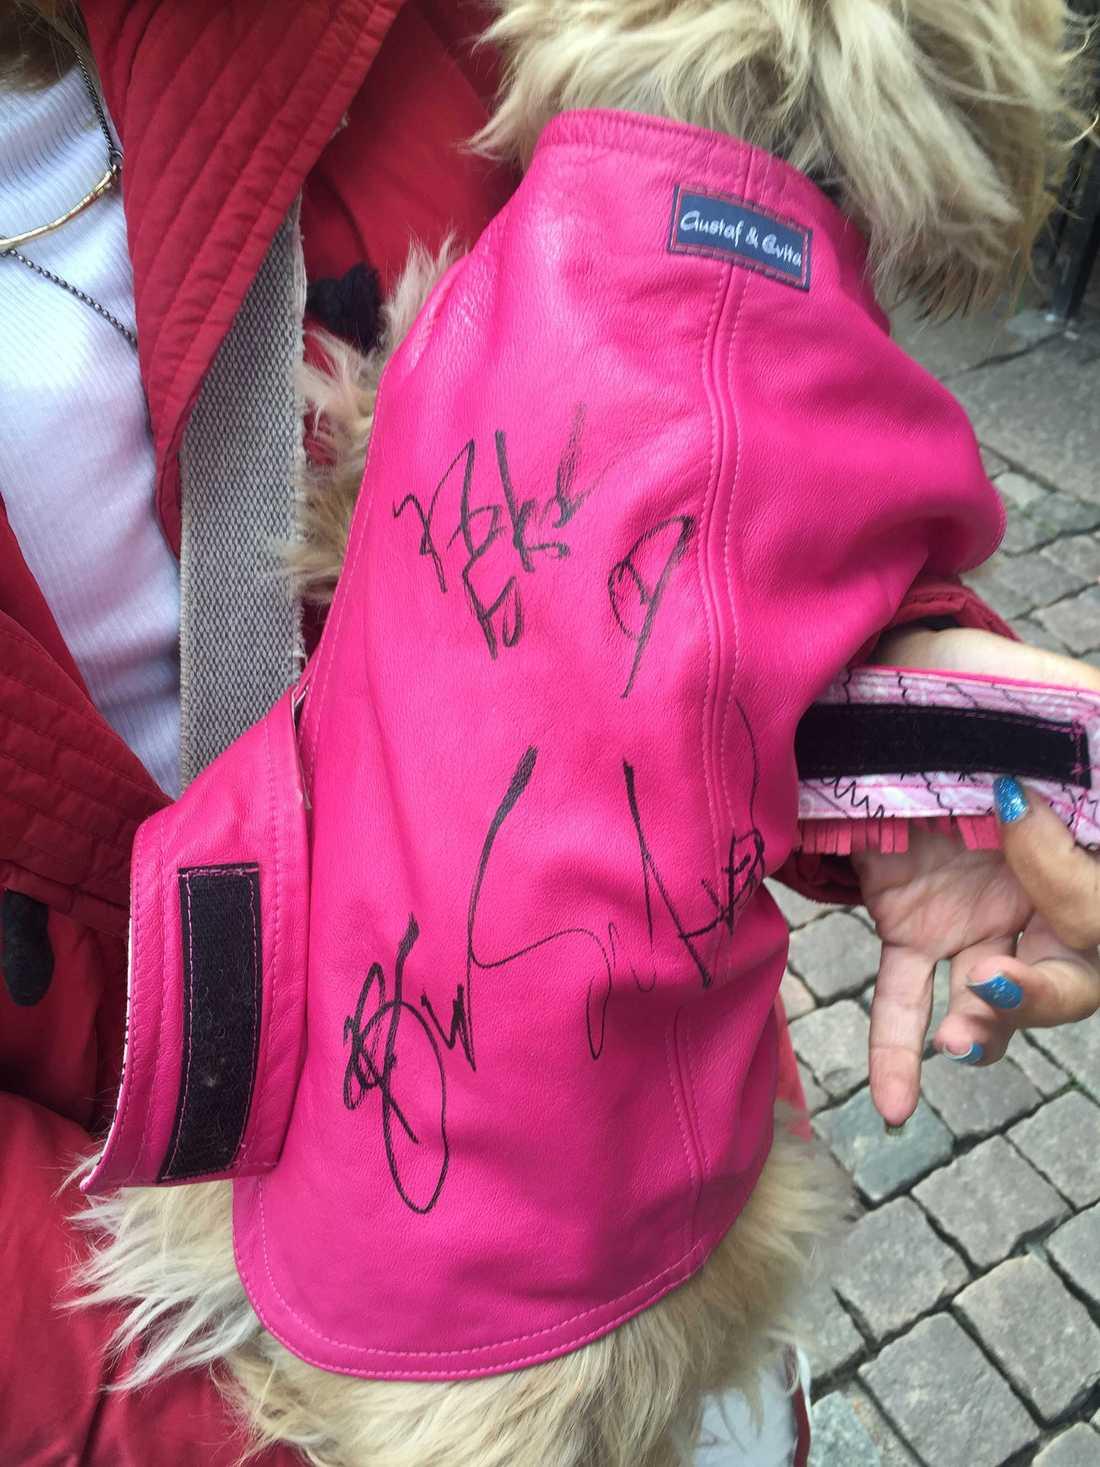 Bossen skrev på hunden Elsas jacka